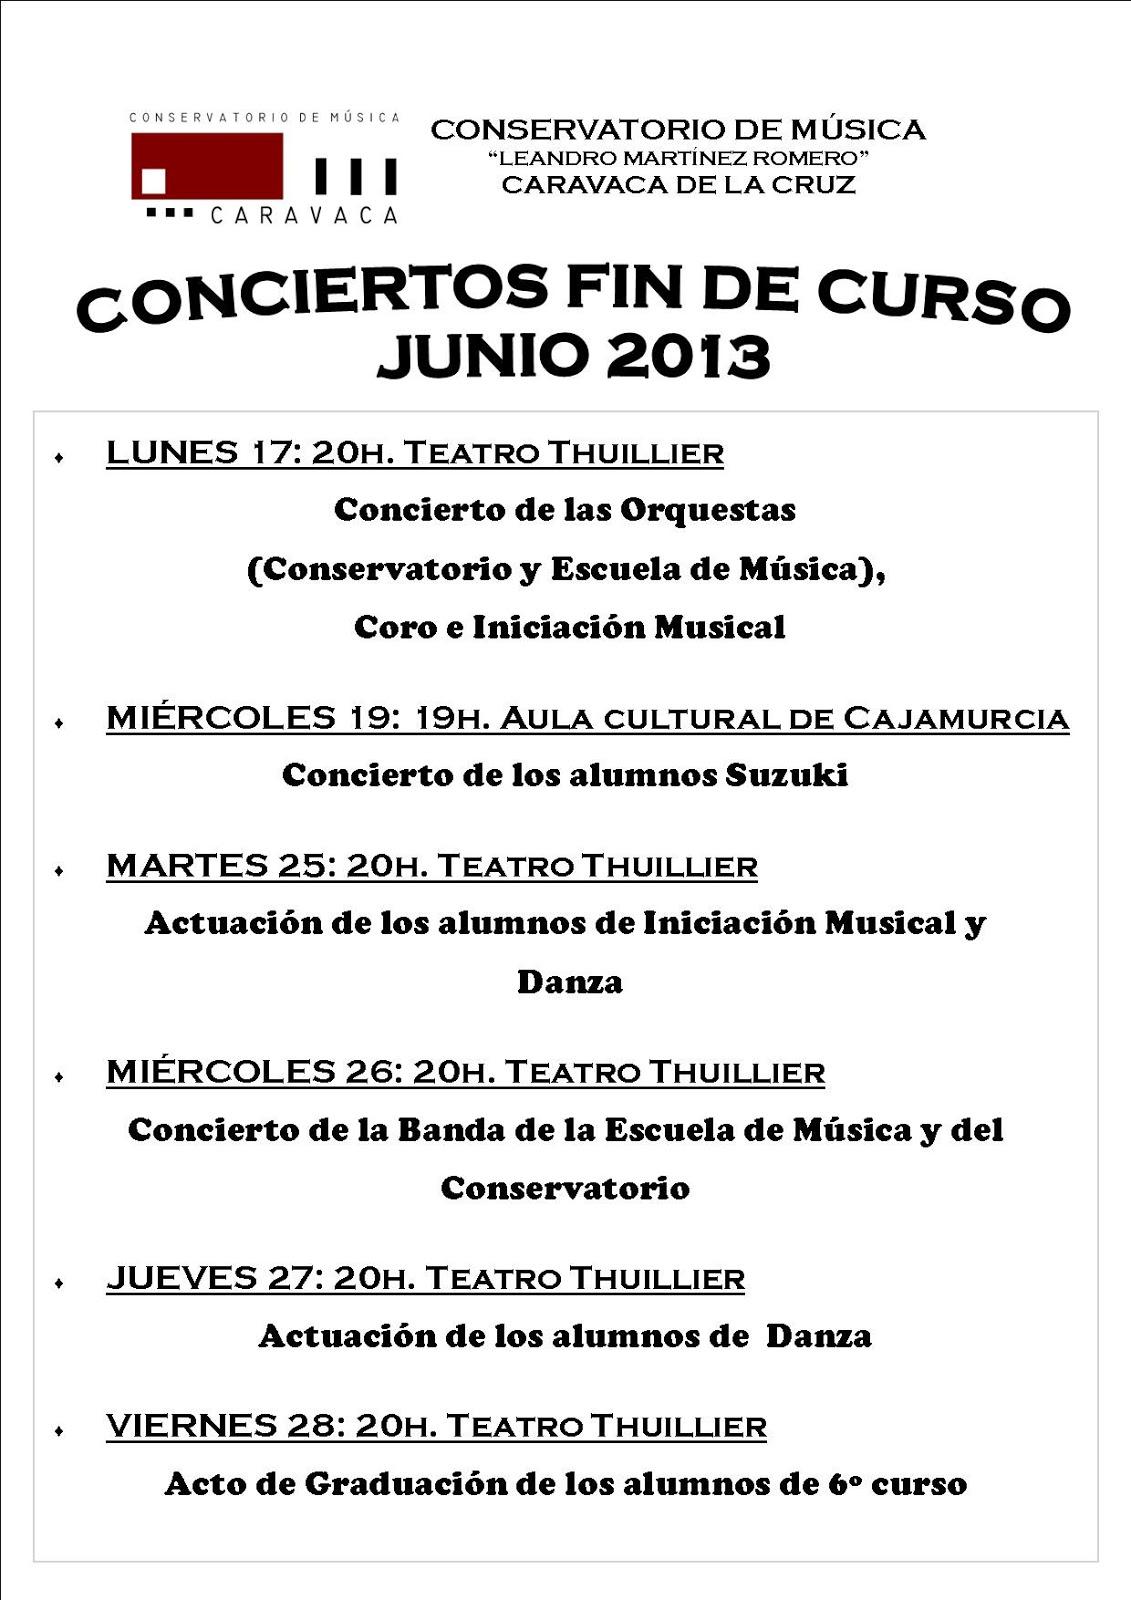 Conservatorio de m sica caravaca de la cruz junio 2013 for Conservatorio de musica